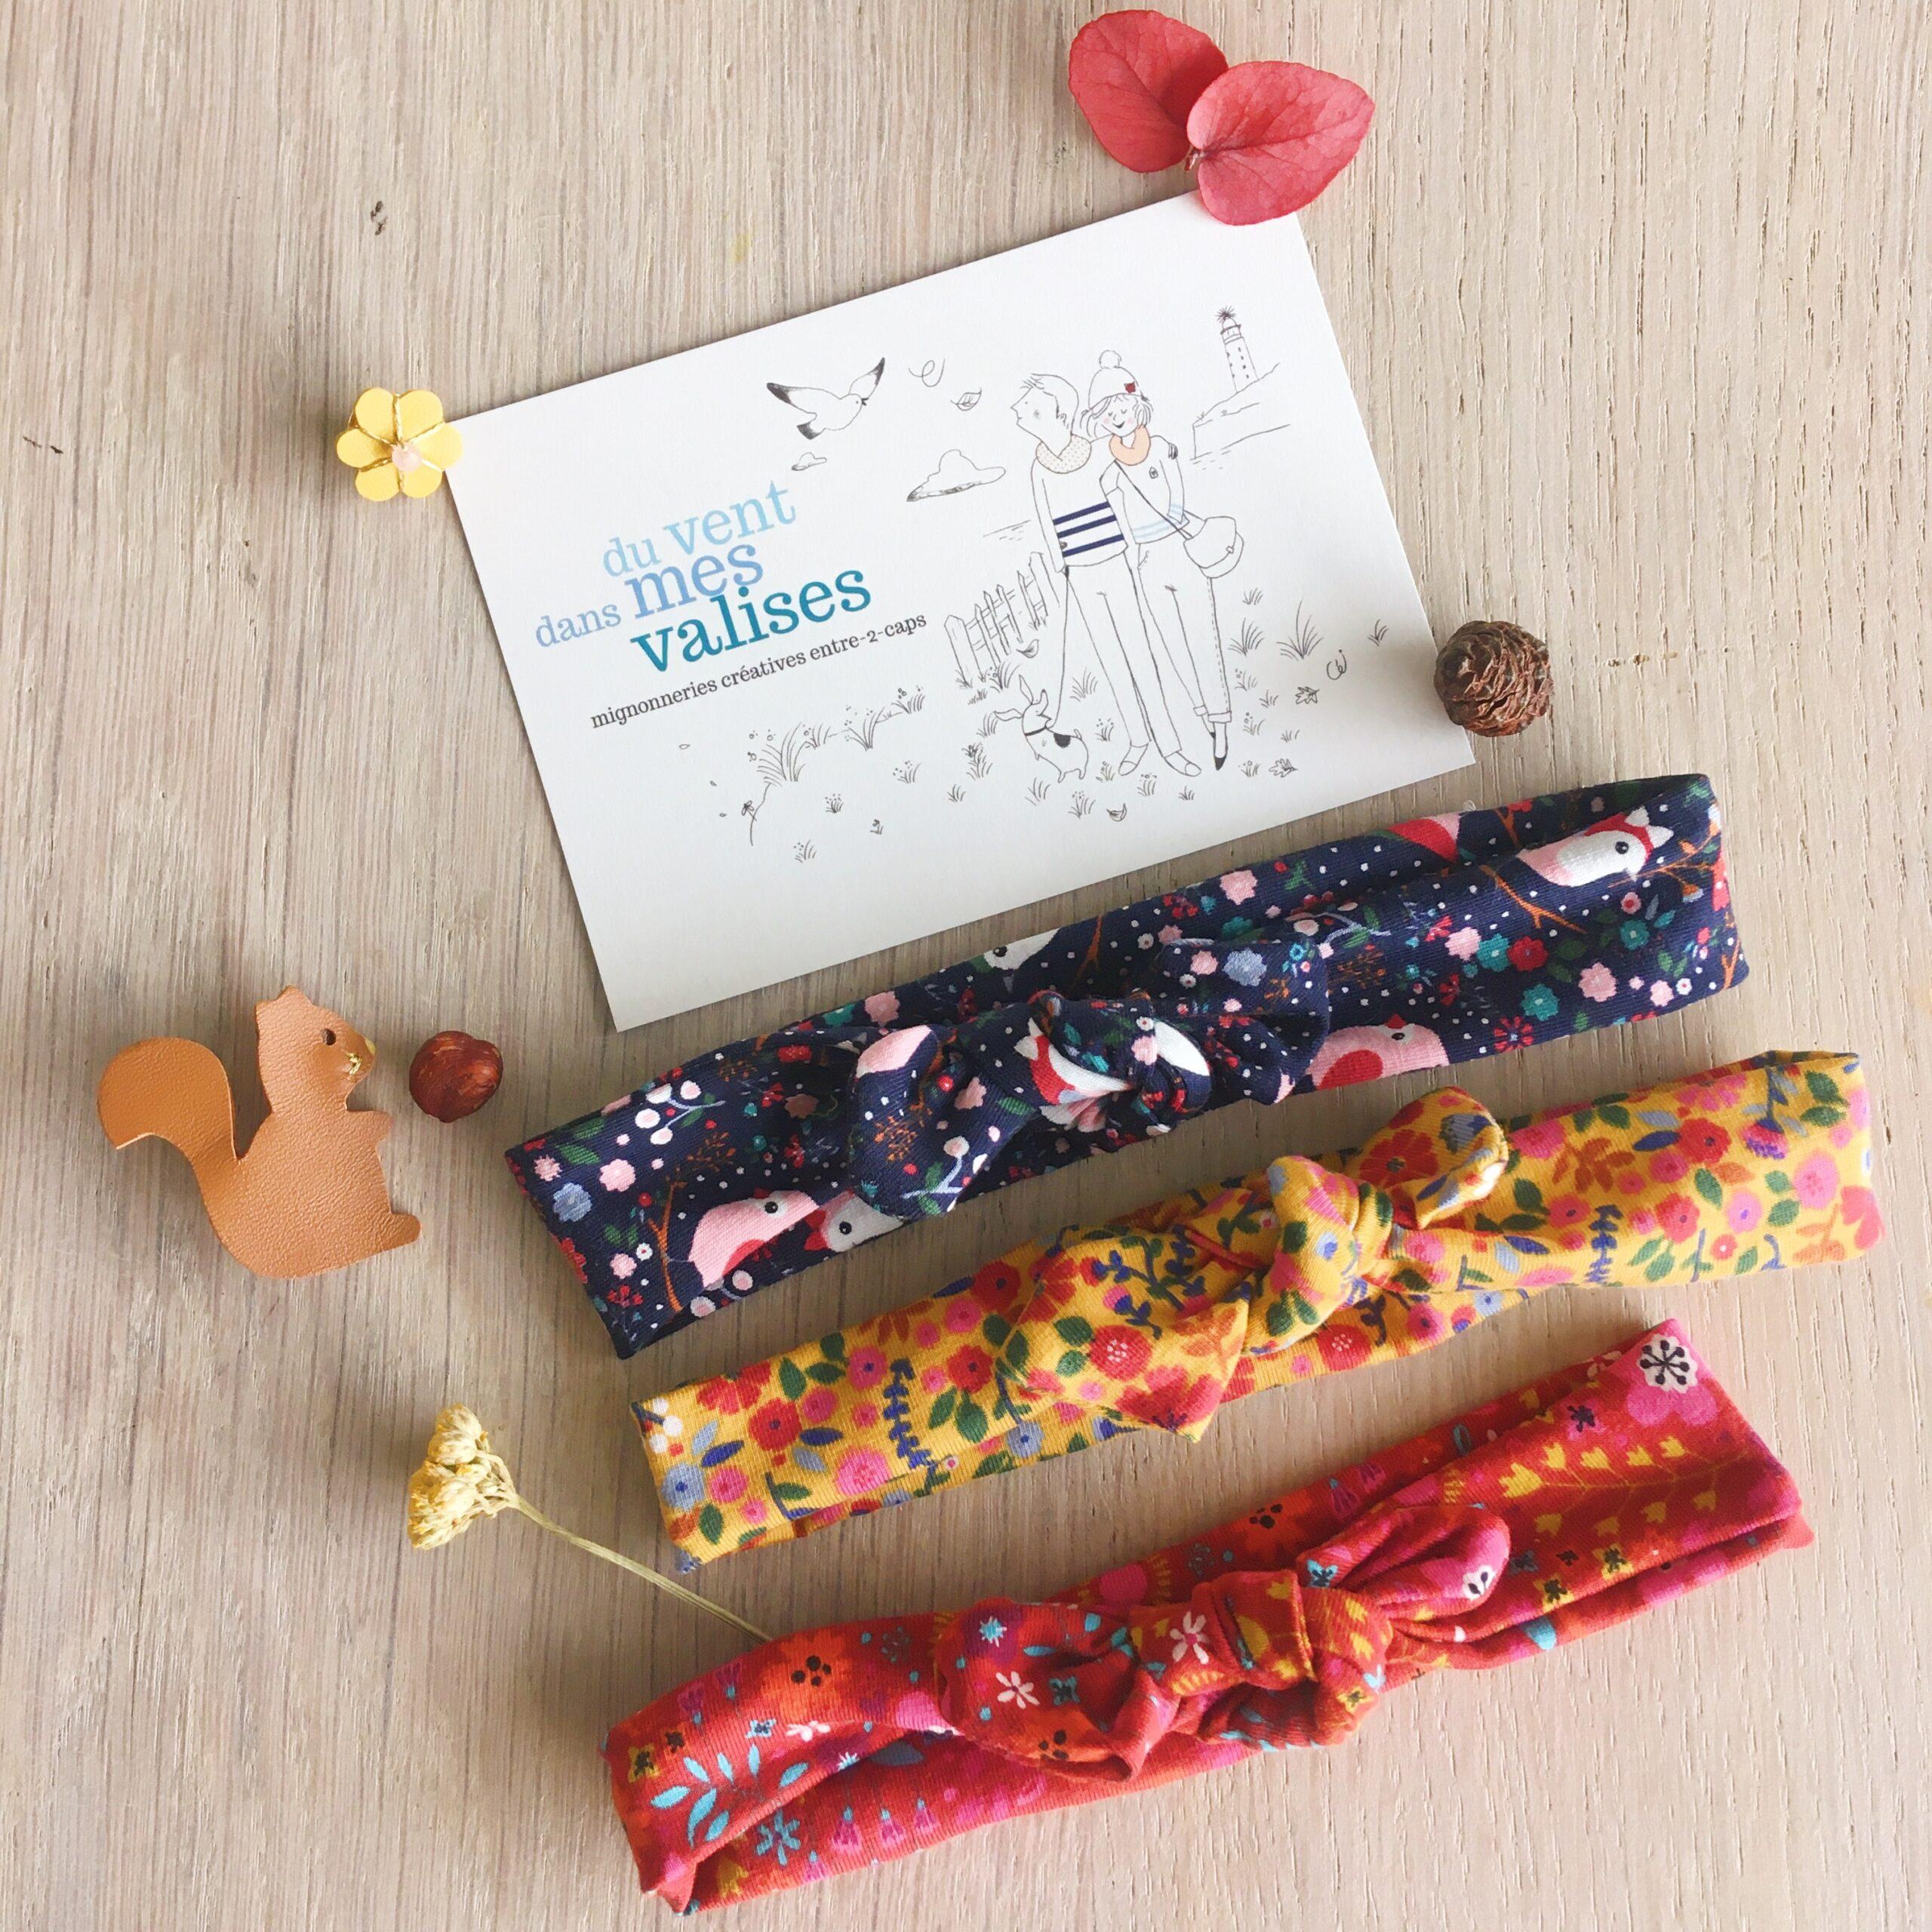 bandeau bébé extensible et réglable fleurs made in France confection artisanale en coton doux - du vent dans mes valises